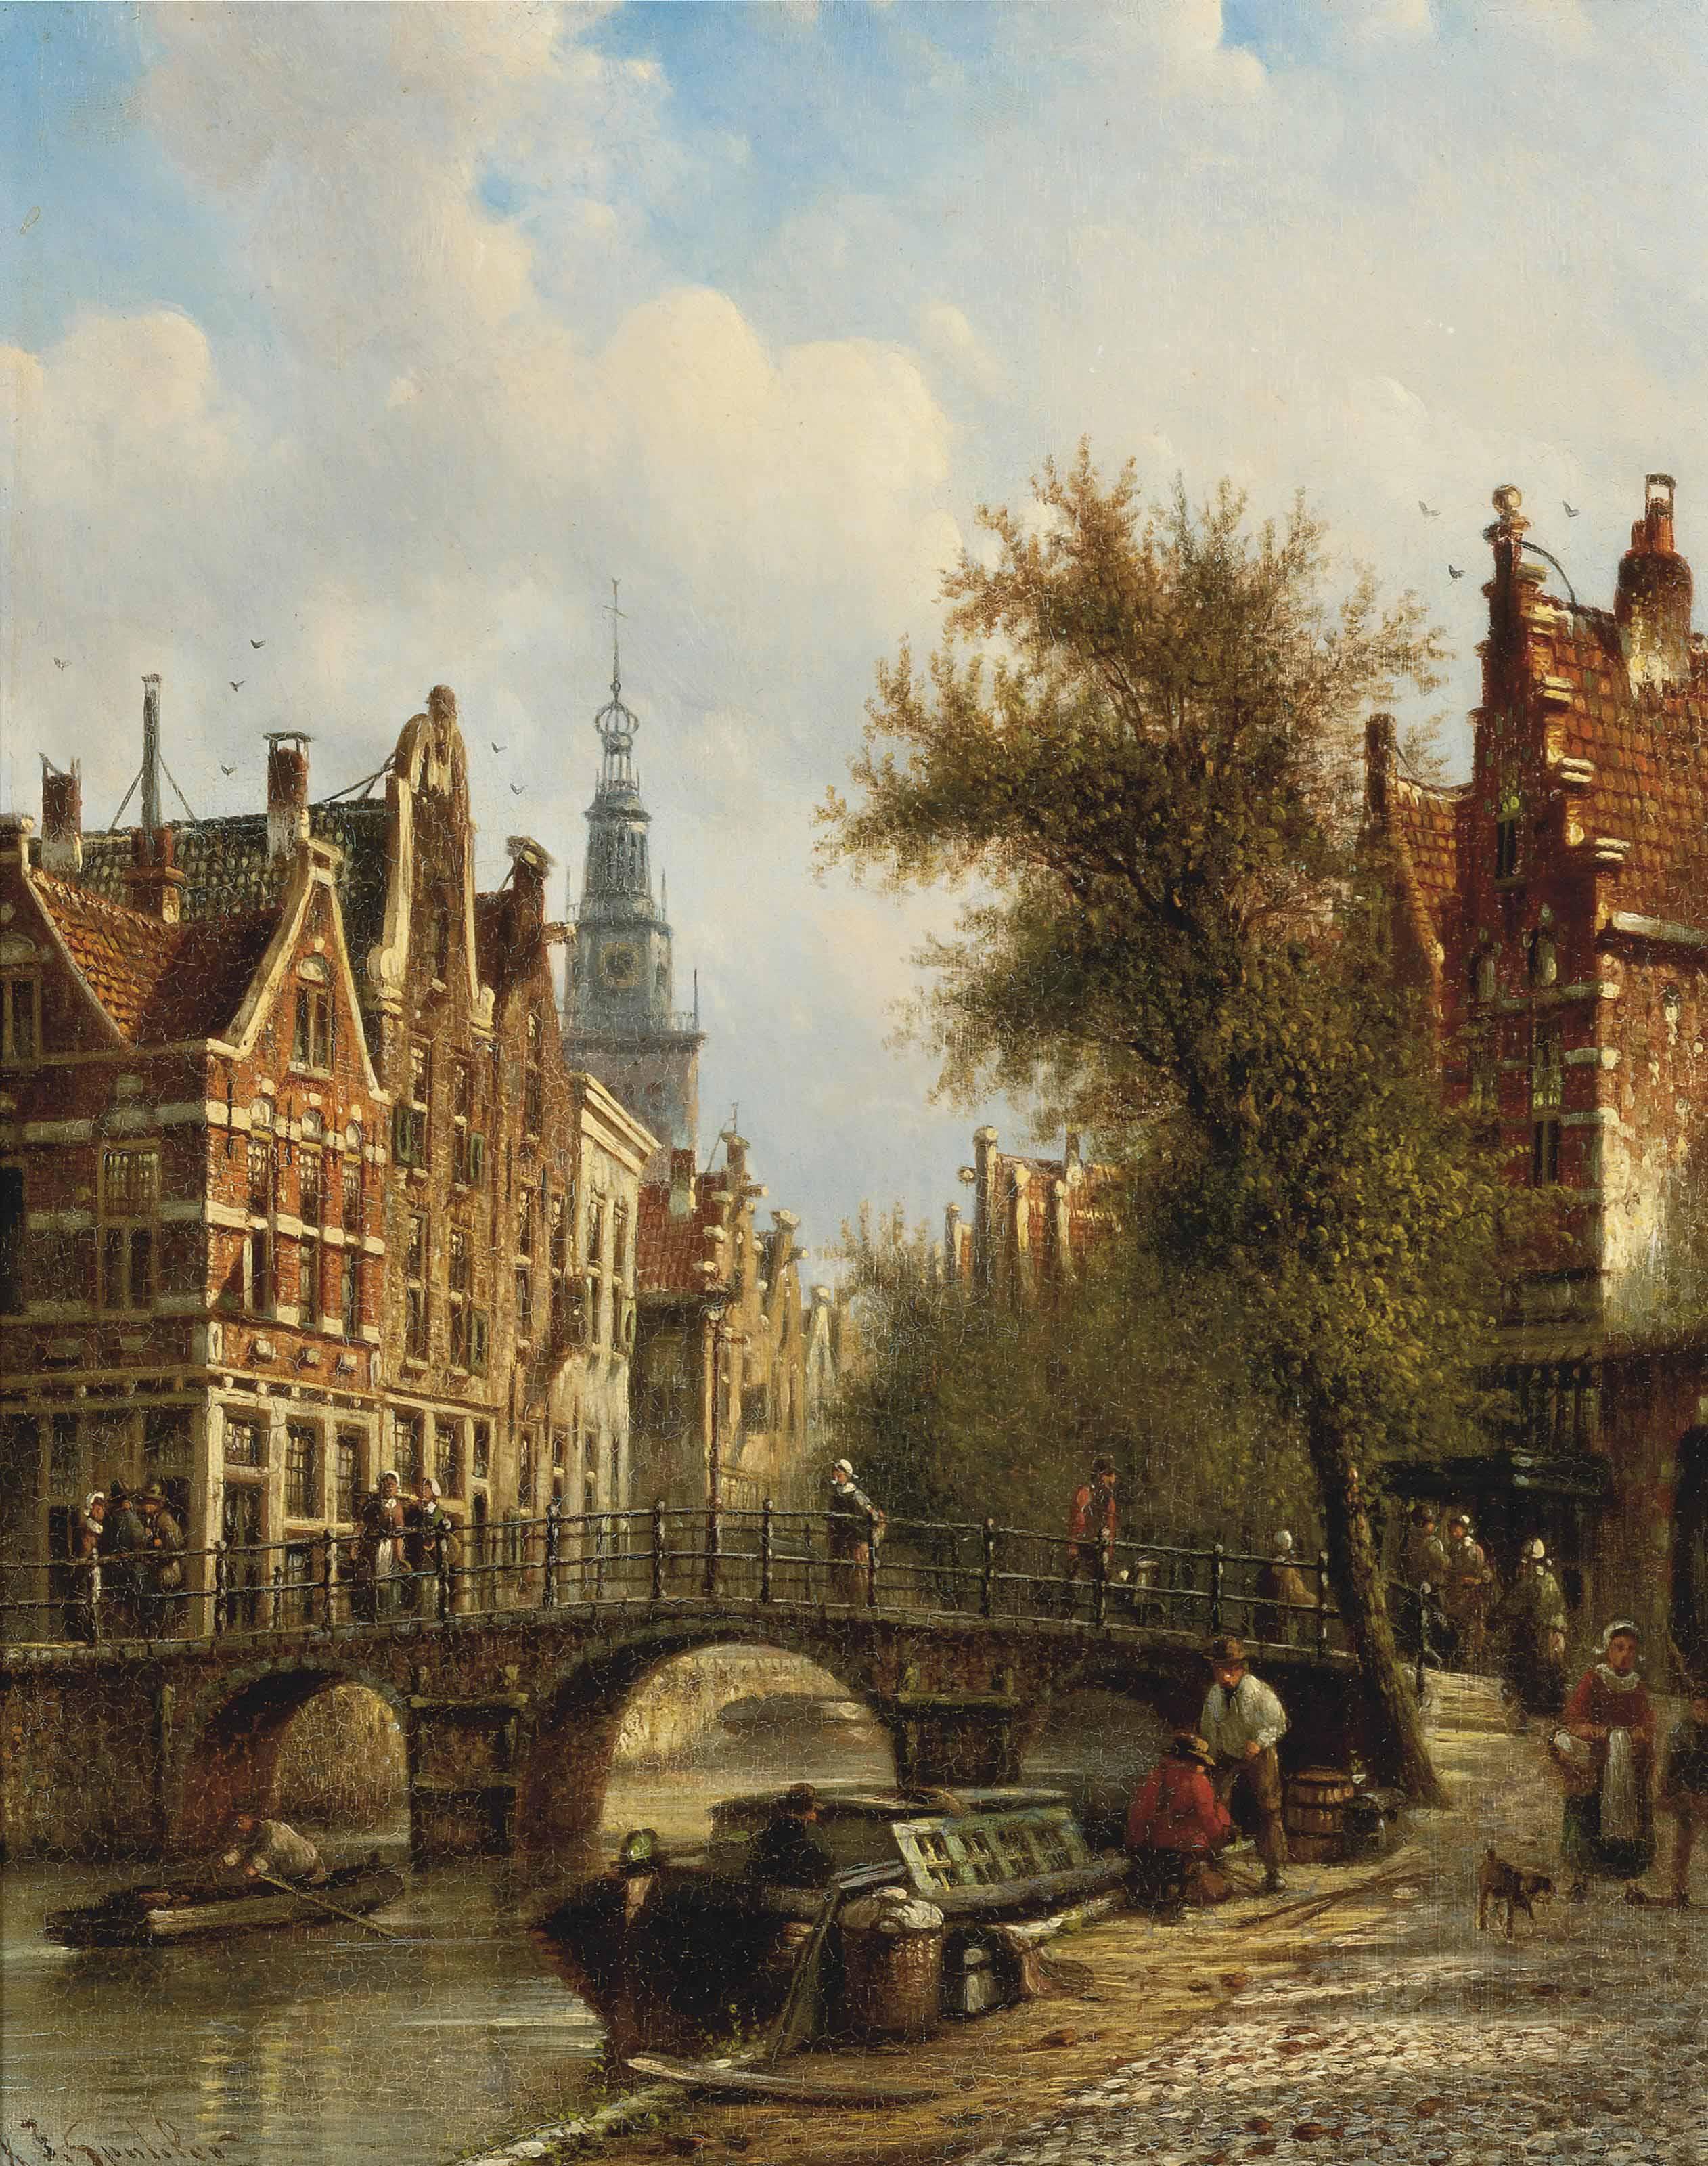 Groeneburgwal, Amsterdam